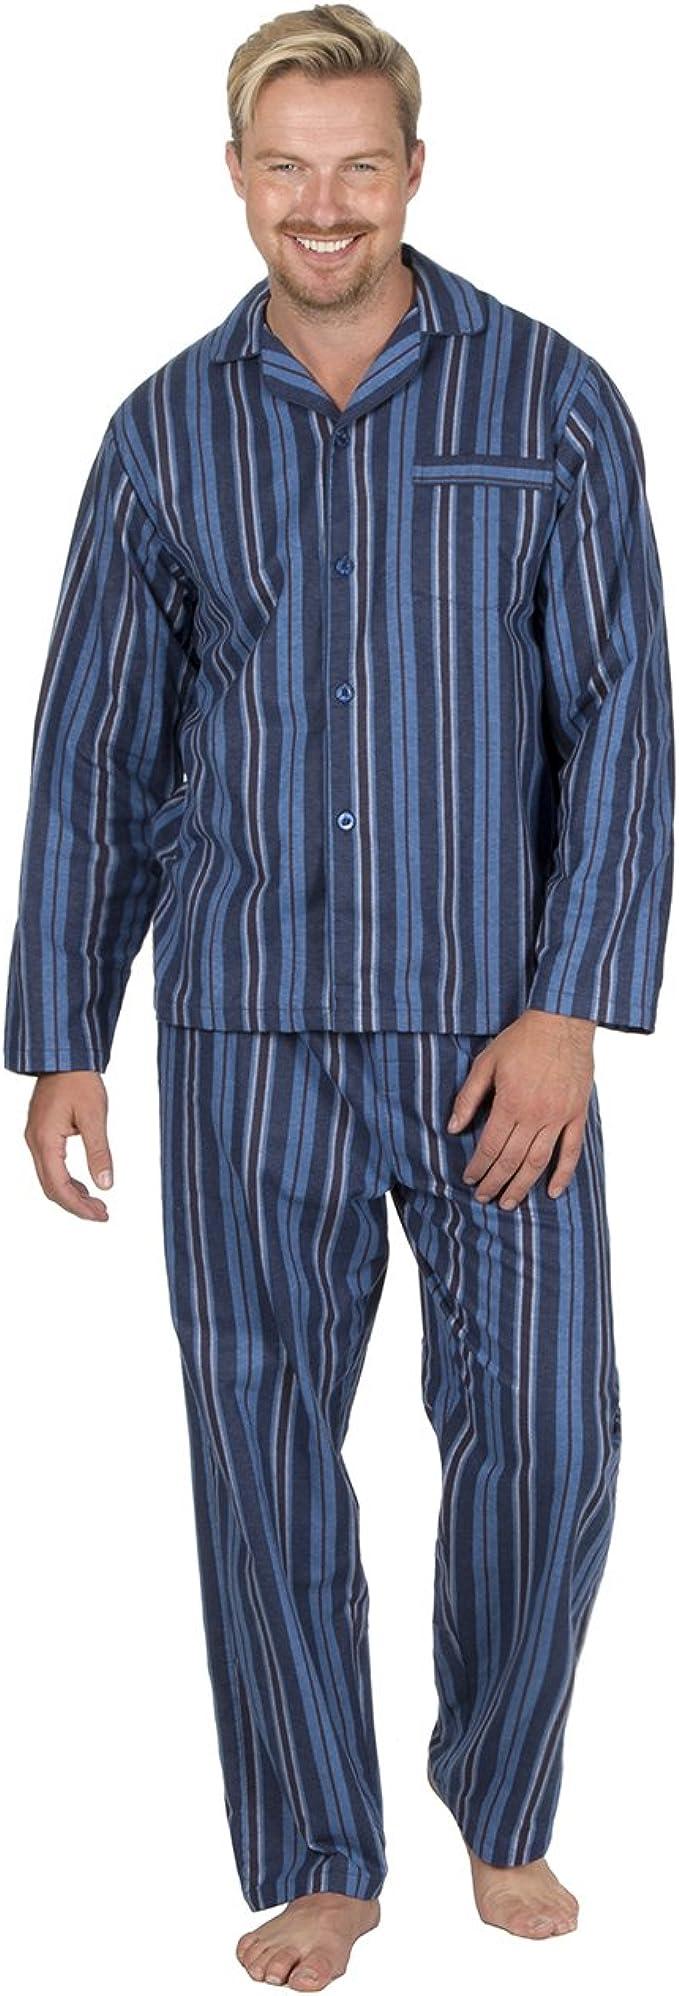 Insignia Hombre Reactivos Tentida Franela Pijama 100% Cotton